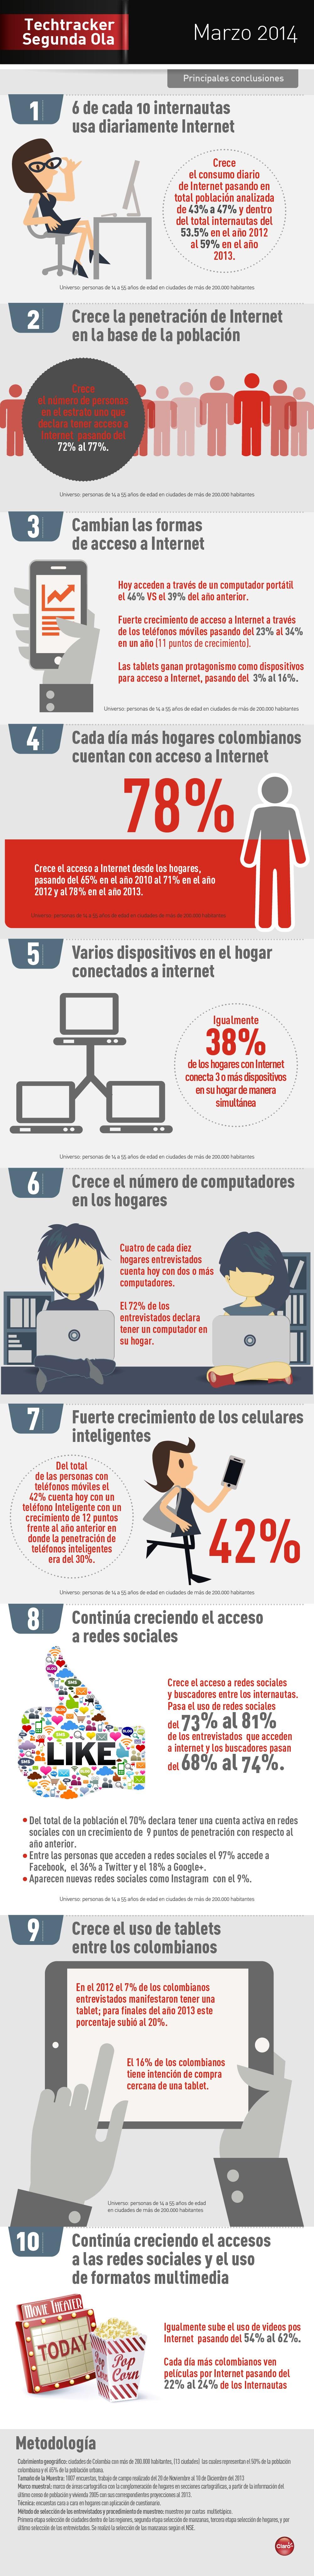 conectividad internet en Colombia